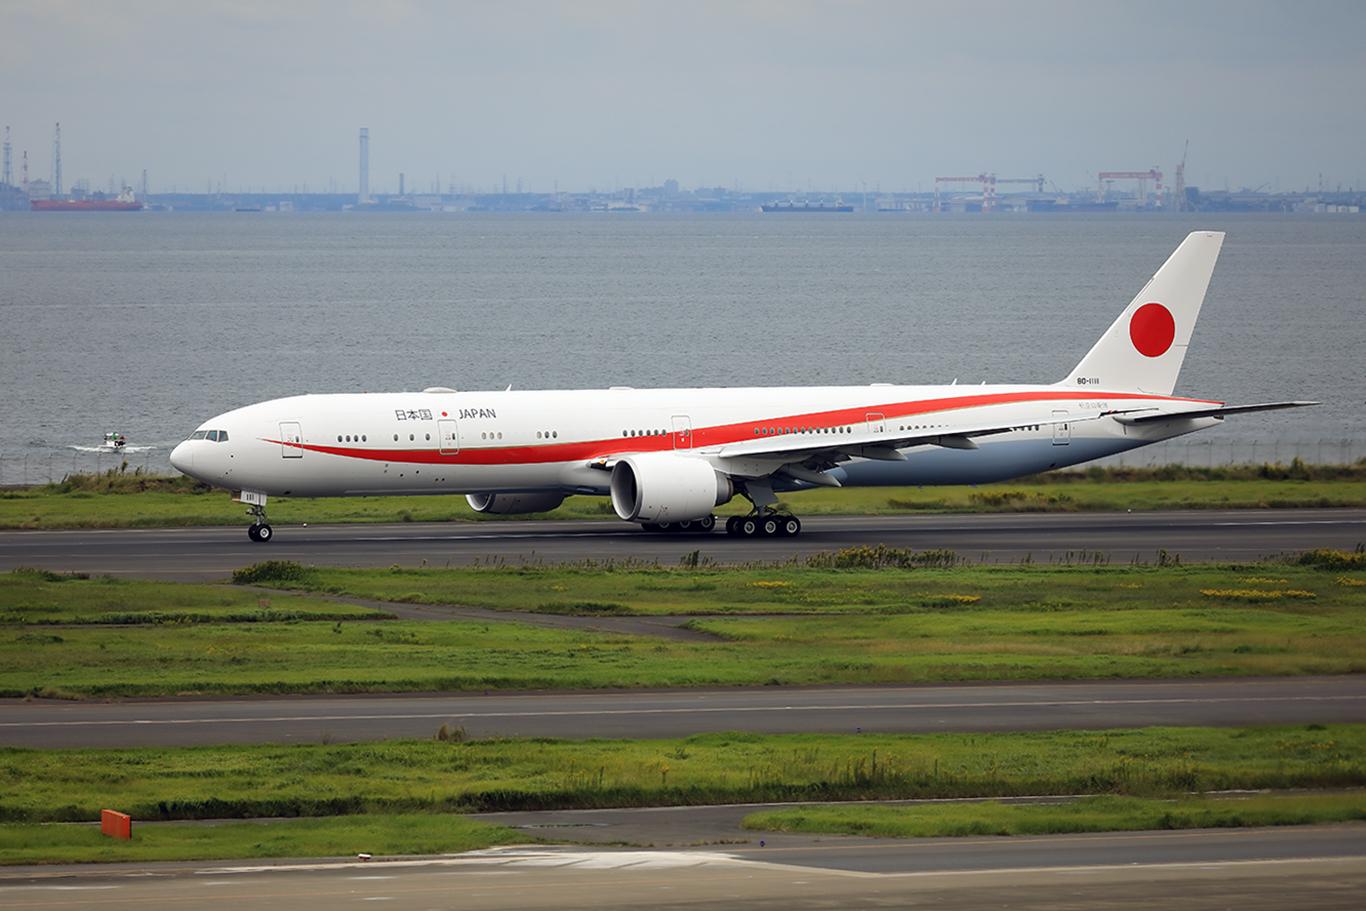 JF/JAF/航空自衛隊 B777-300ER 80-1111